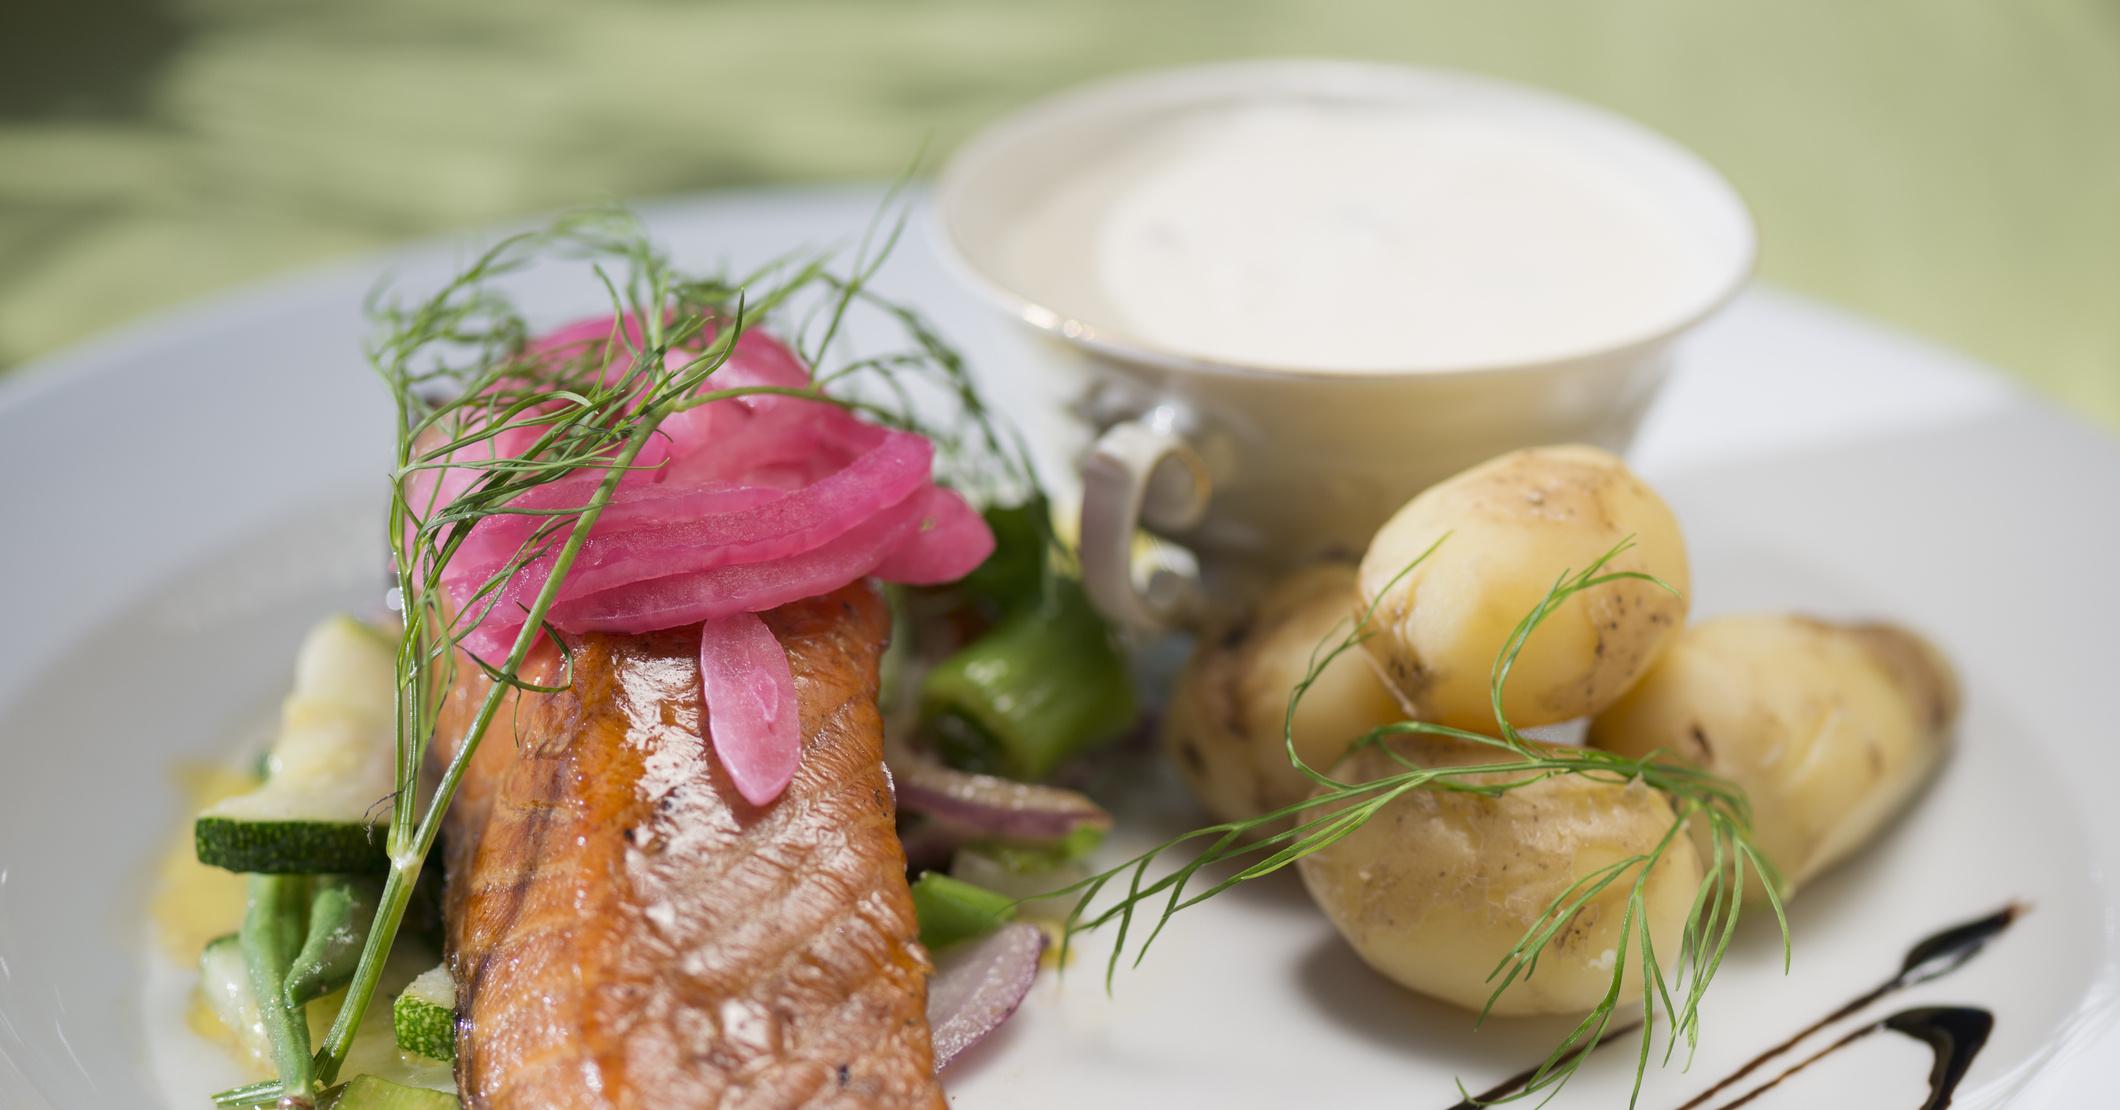 рецепт семги в духовке с картошкой в фольге рецепт